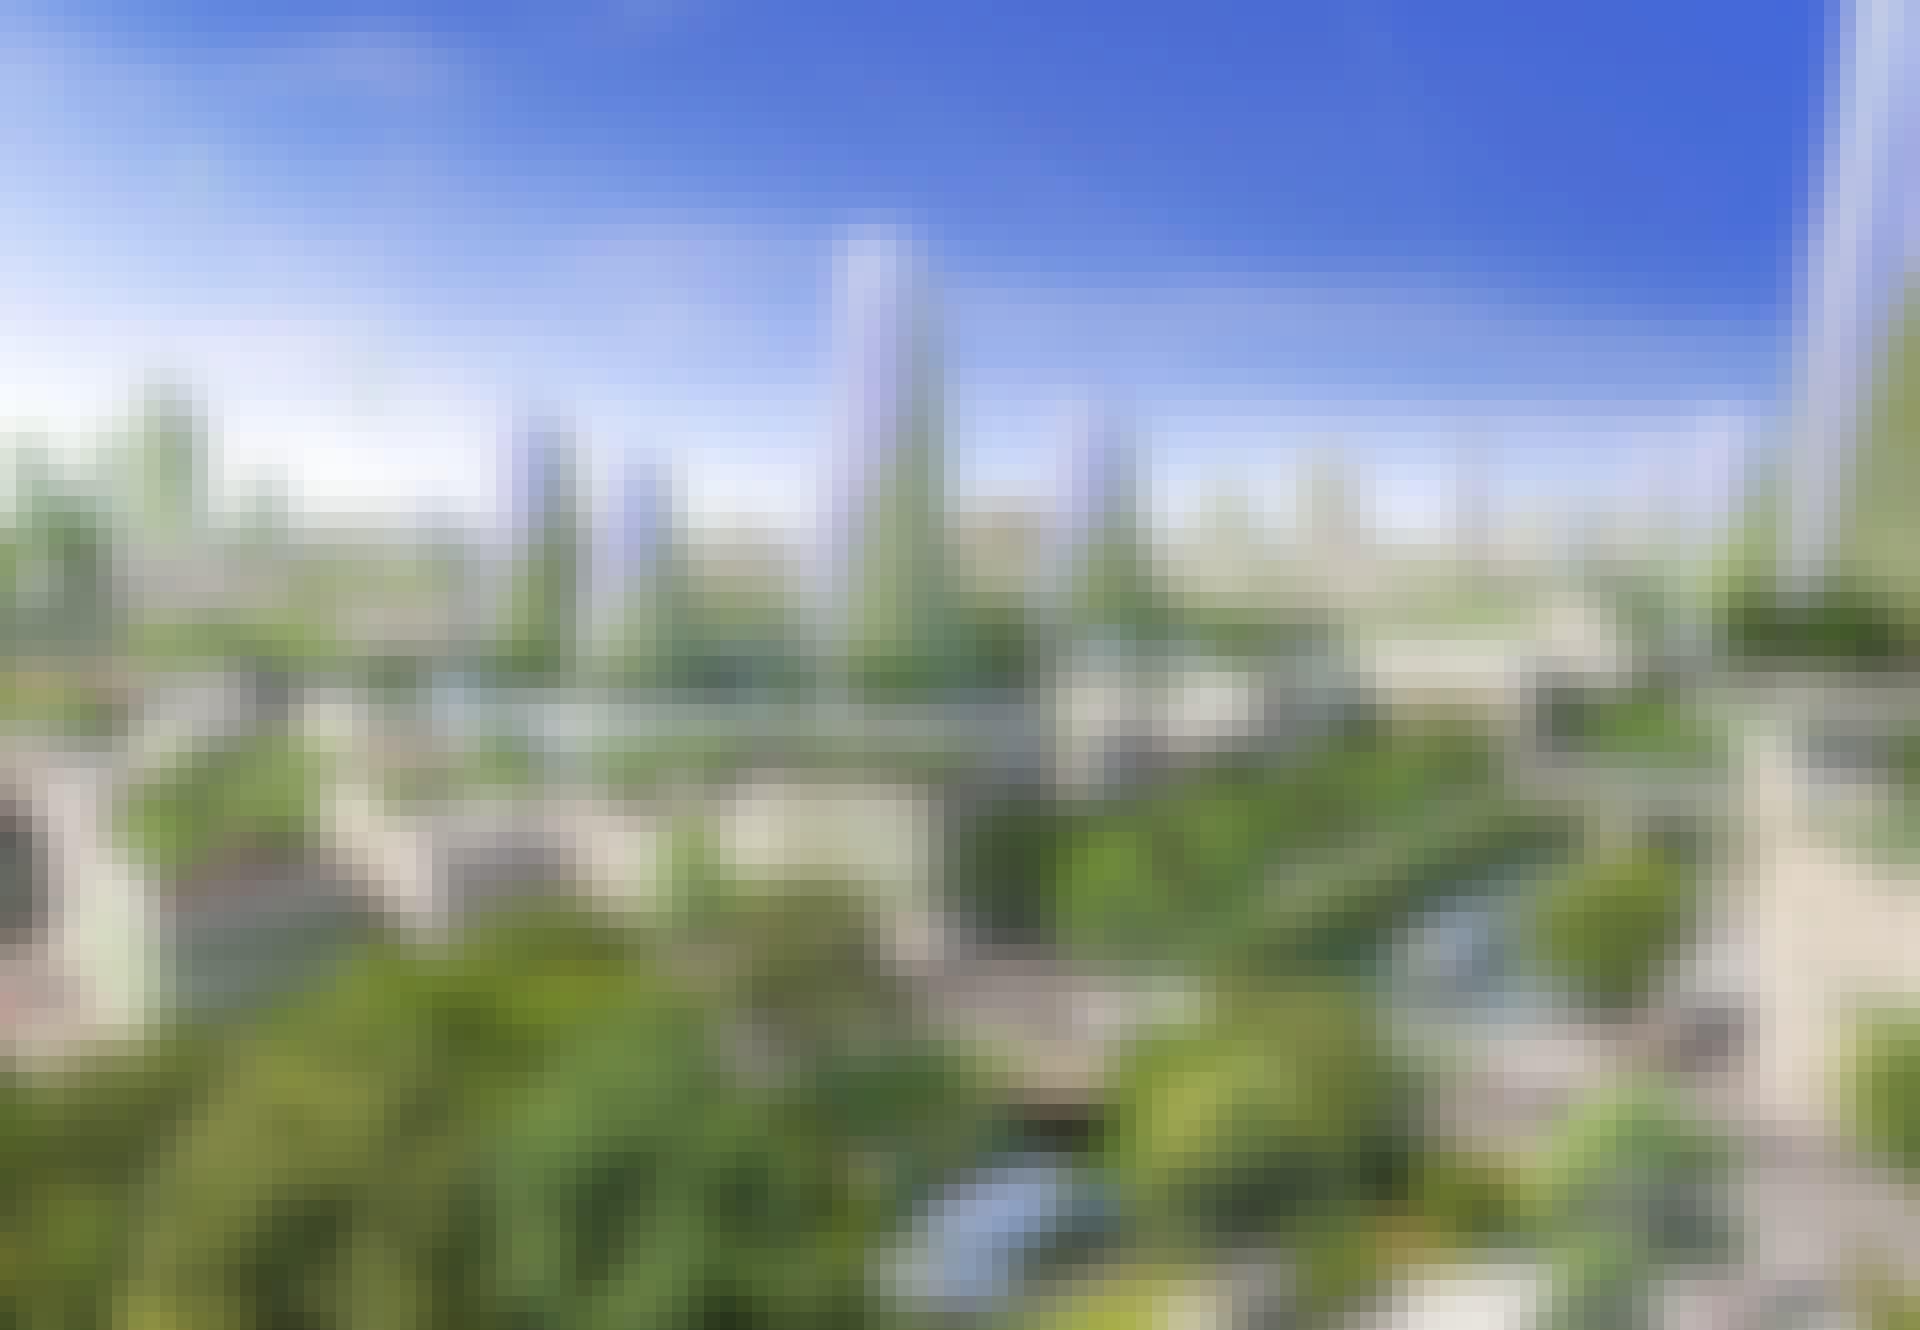 Sådan kan fremtidens by og klima se ud, hvis vi skifter til grøn, bæredygtig omstilling.